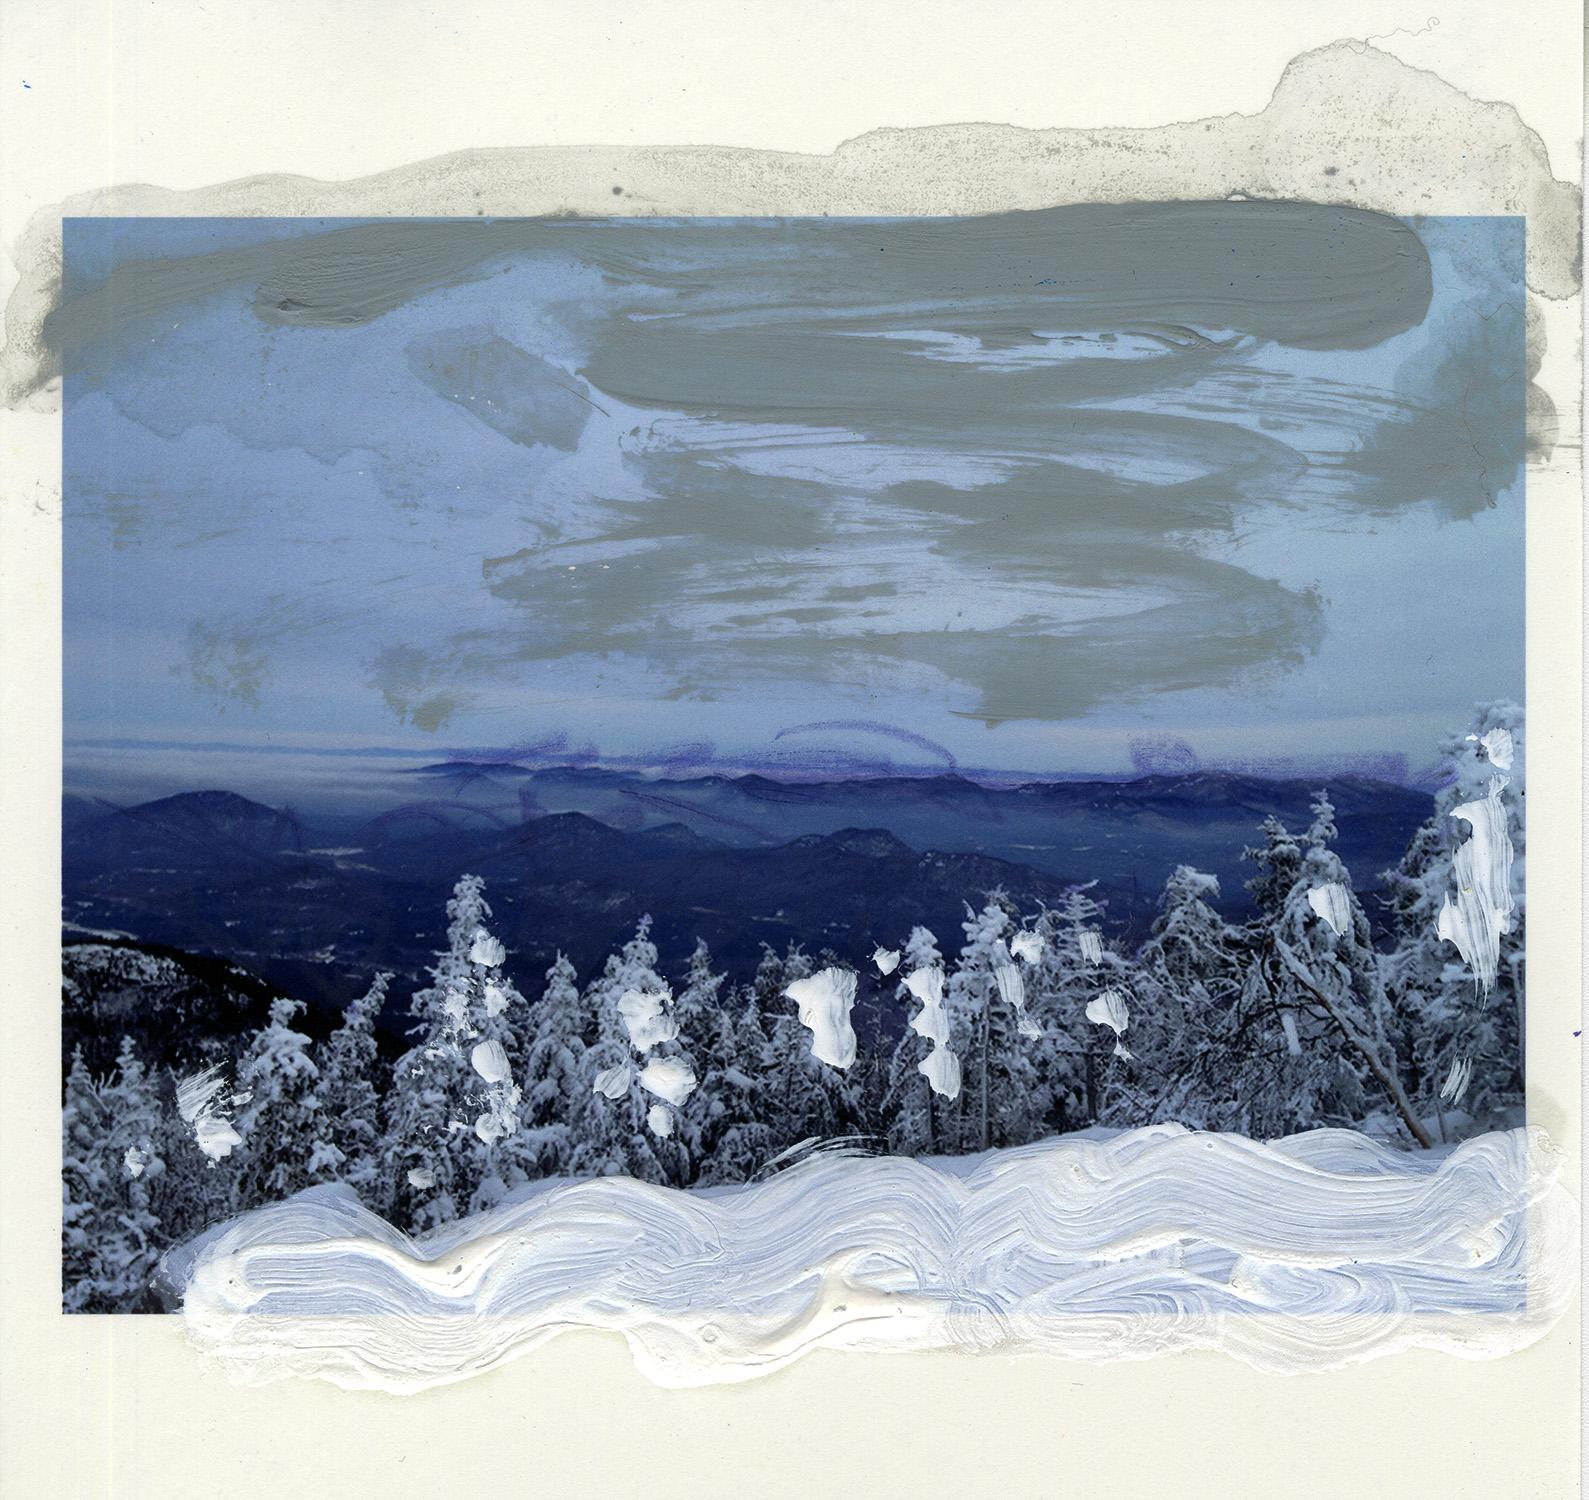 misty mountains001.jpg